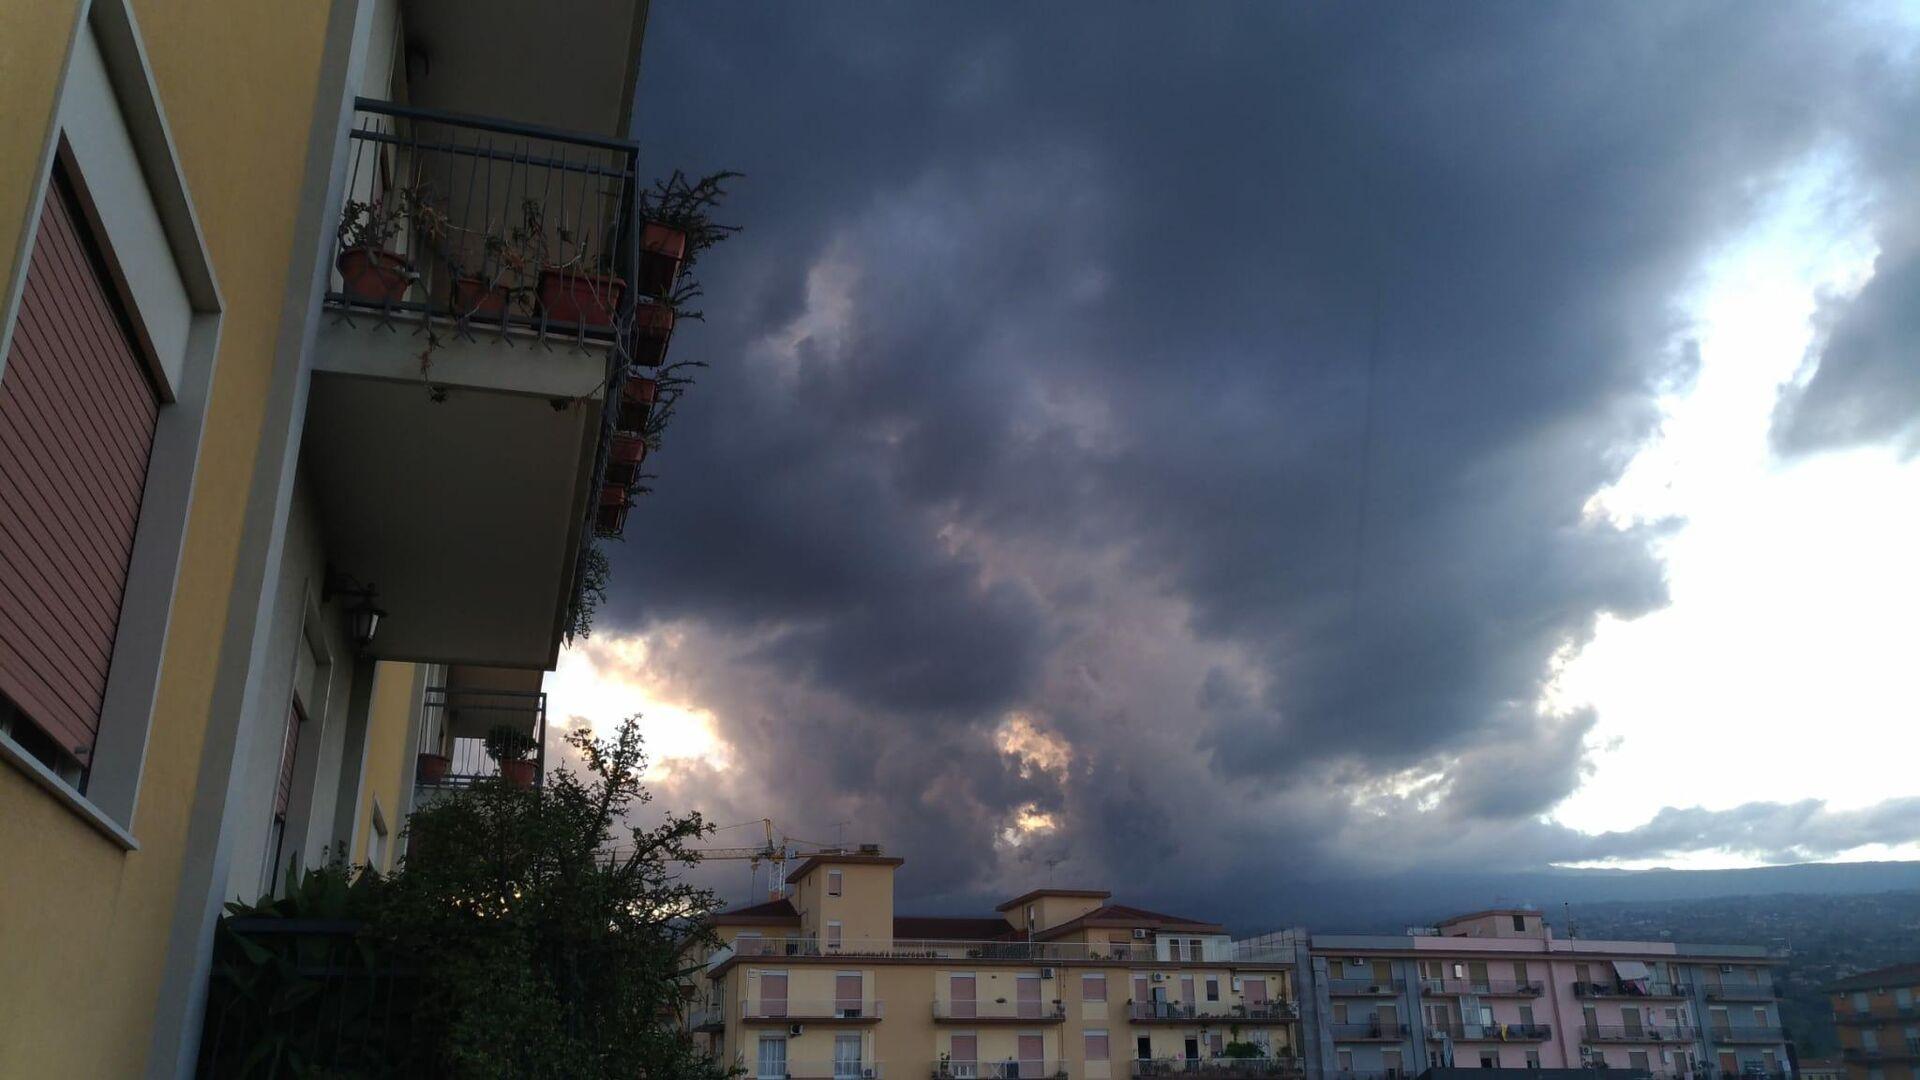 Eruzione Etna 29 agosto 2021 con ricaduta di cenere e lapilli su Giarre, Milo, Sant'Alfio e Riposto - Sputnik Italia, 1920, 21.09.2021